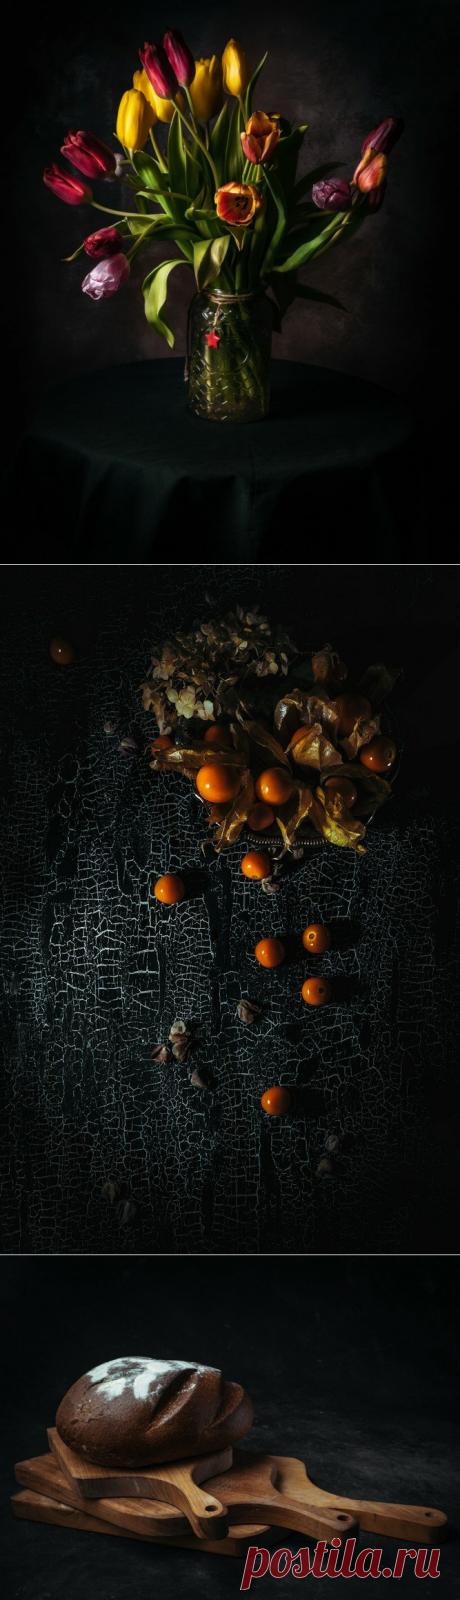 Предметная съемка для стоков на дому | Видеоурок | PhotoWebExpo | Яндекс Дзен